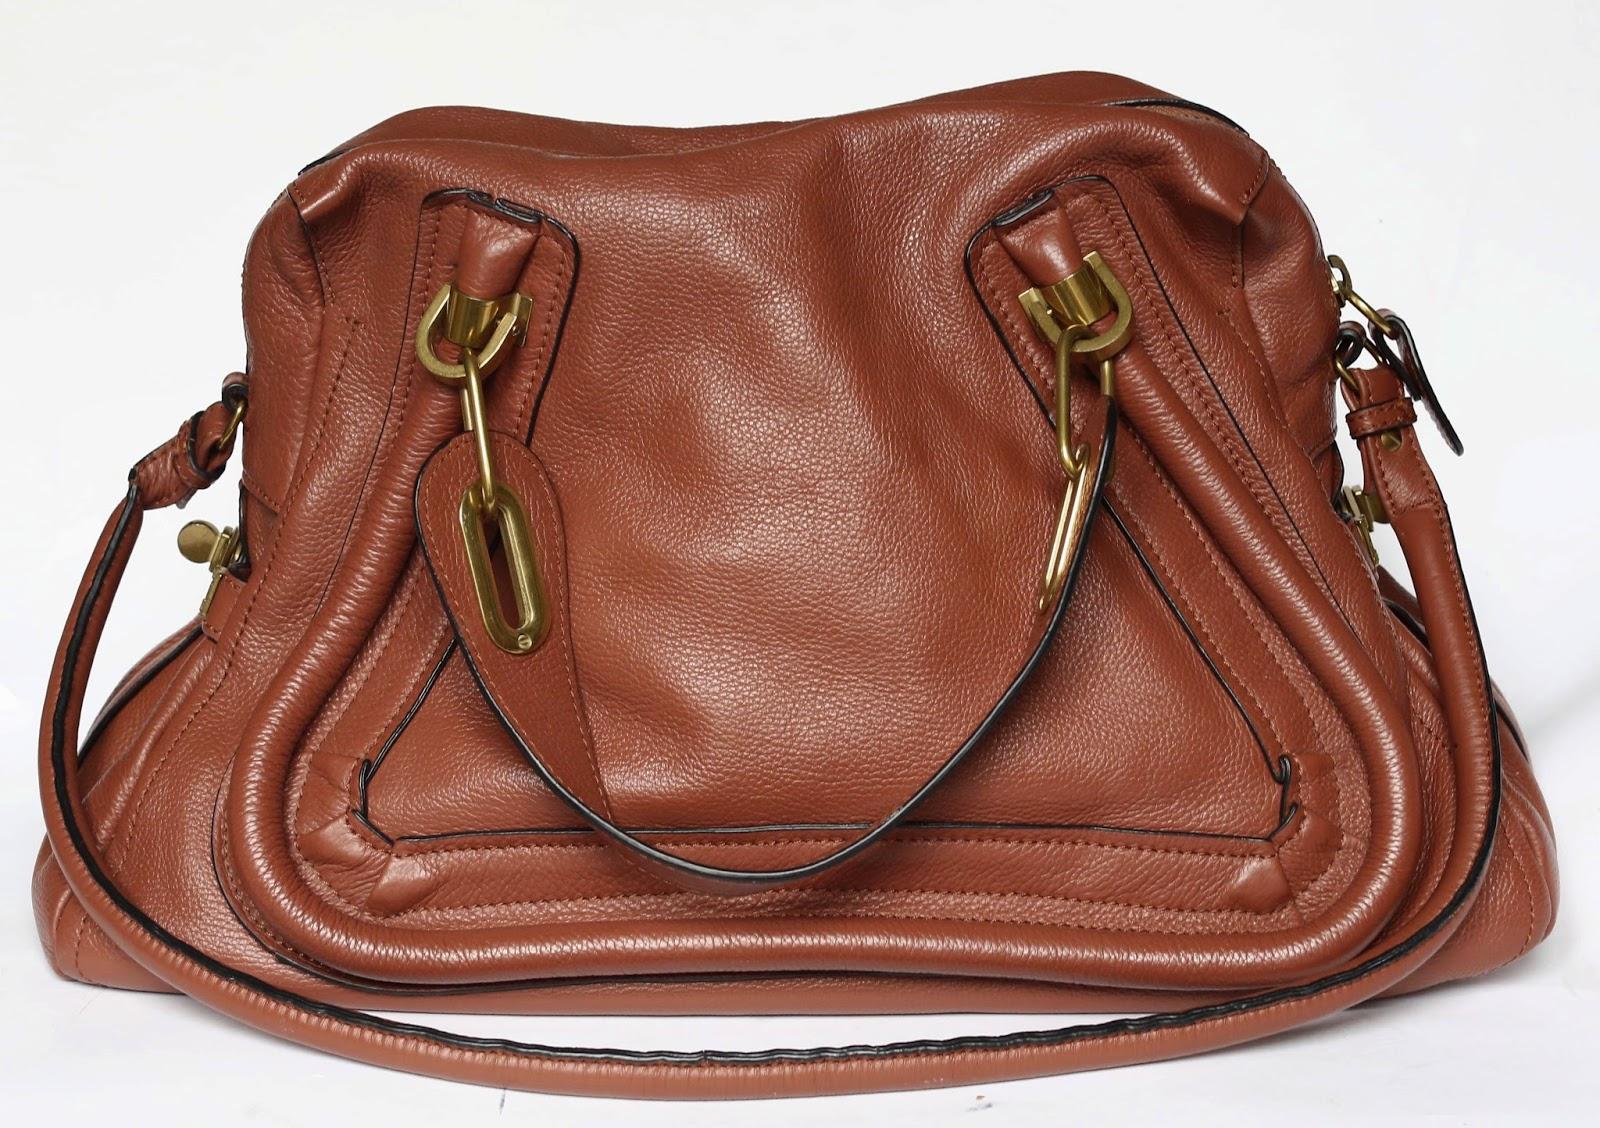 423ef83970 LOUISE PARIS: Exemple de contrefaçon de sac CHLOE